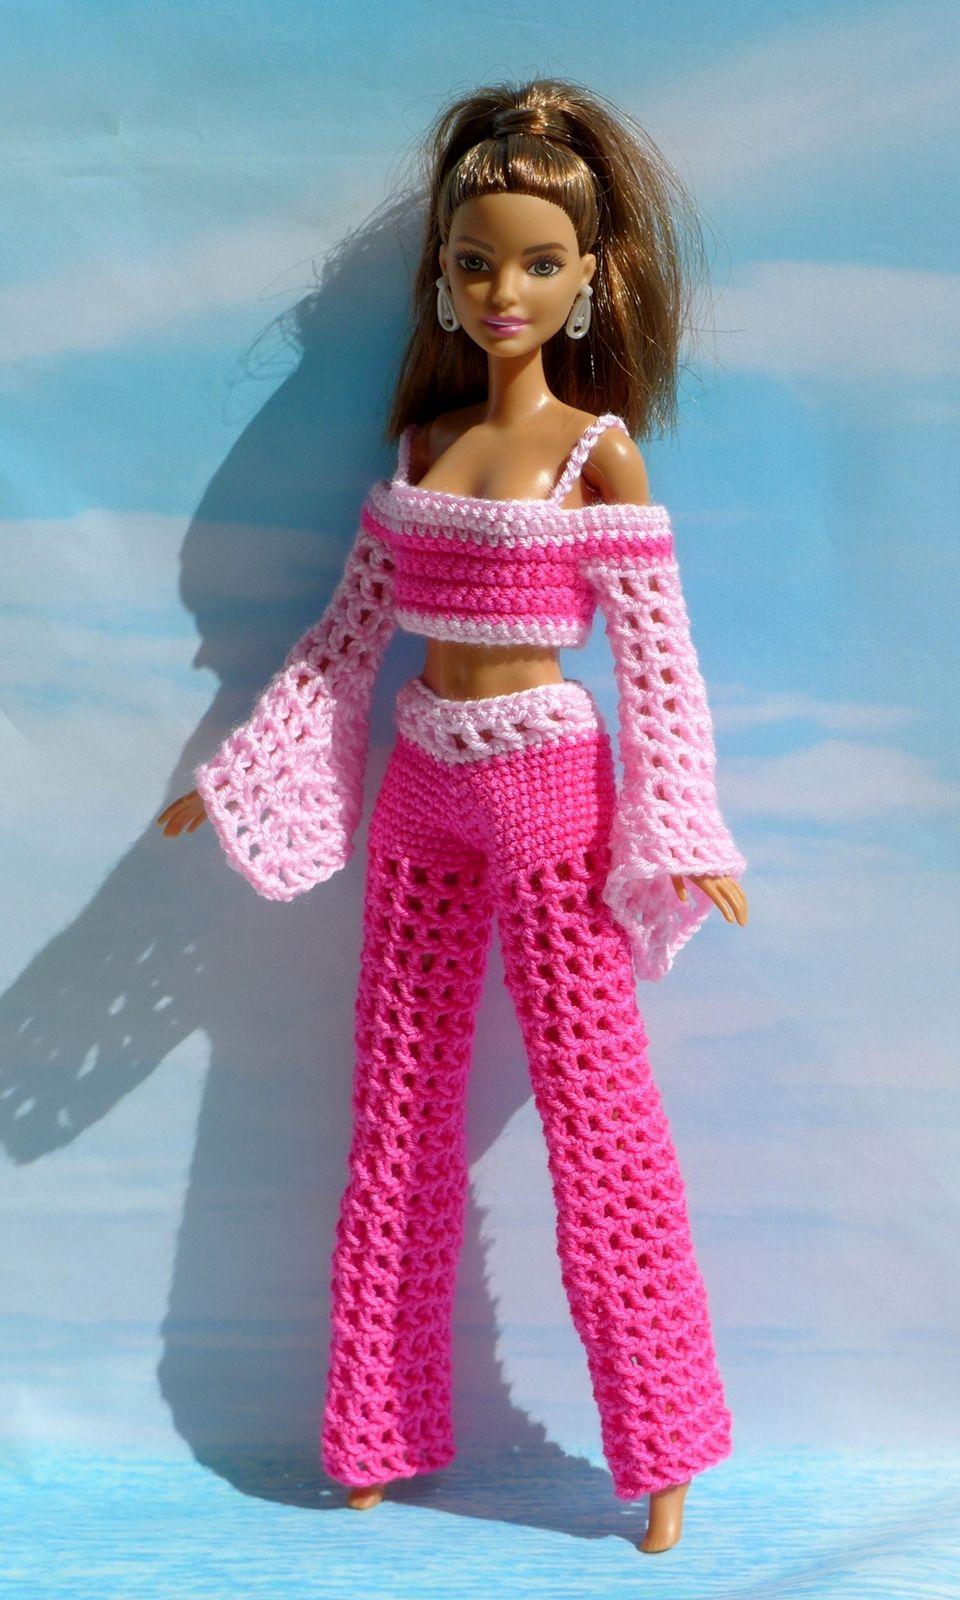 Schicke Sommermode Für Barbie Seinfach Selber Häkeln Barbie